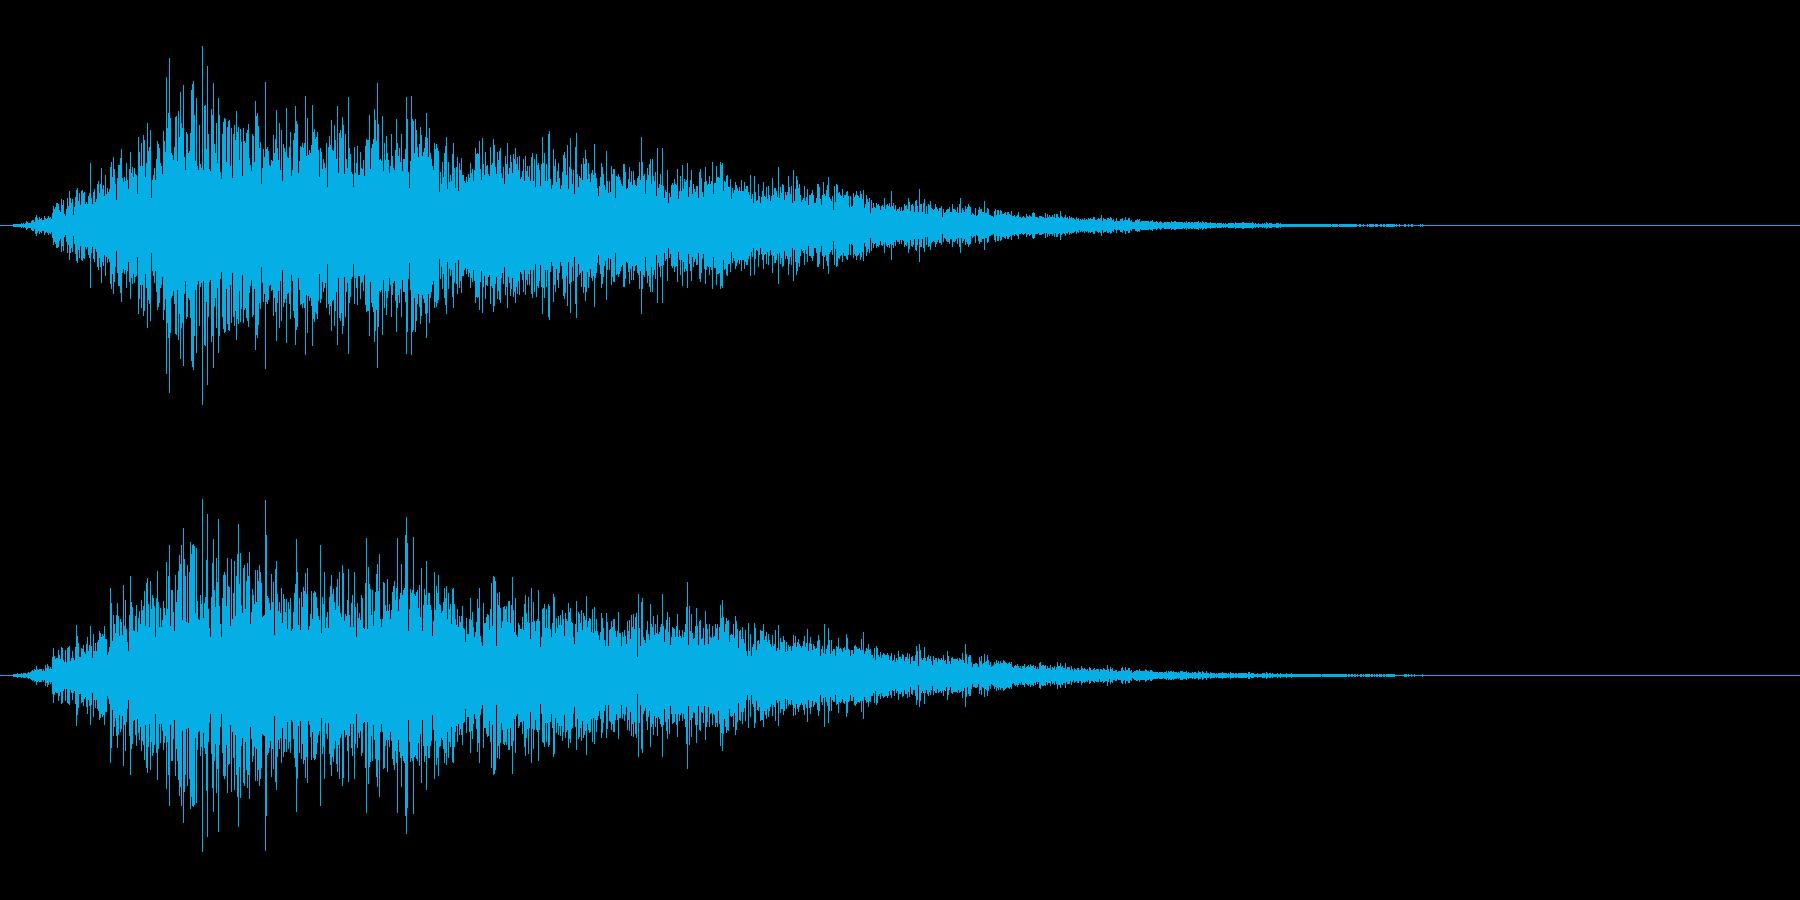 キュイーン(パワーアップ/レベルアップ)の再生済みの波形